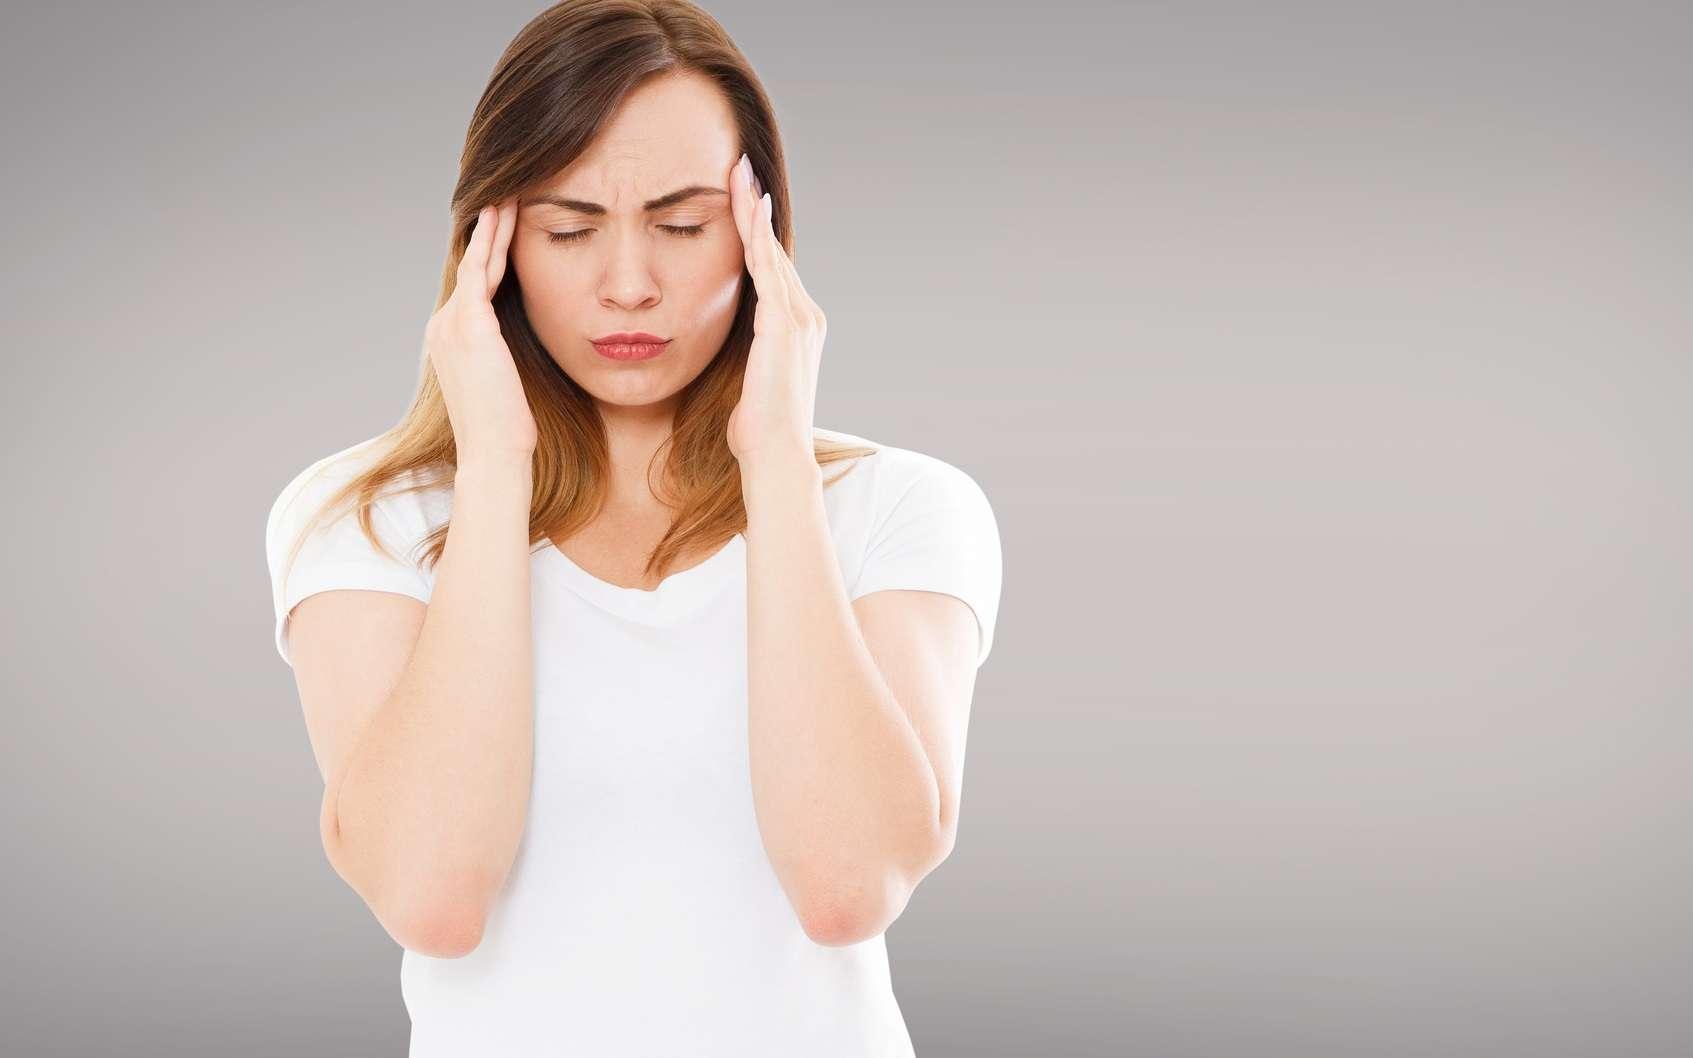 La migraine toucherait environ 15 % des adultes dans le monde. © paulcannoby, Fotolia